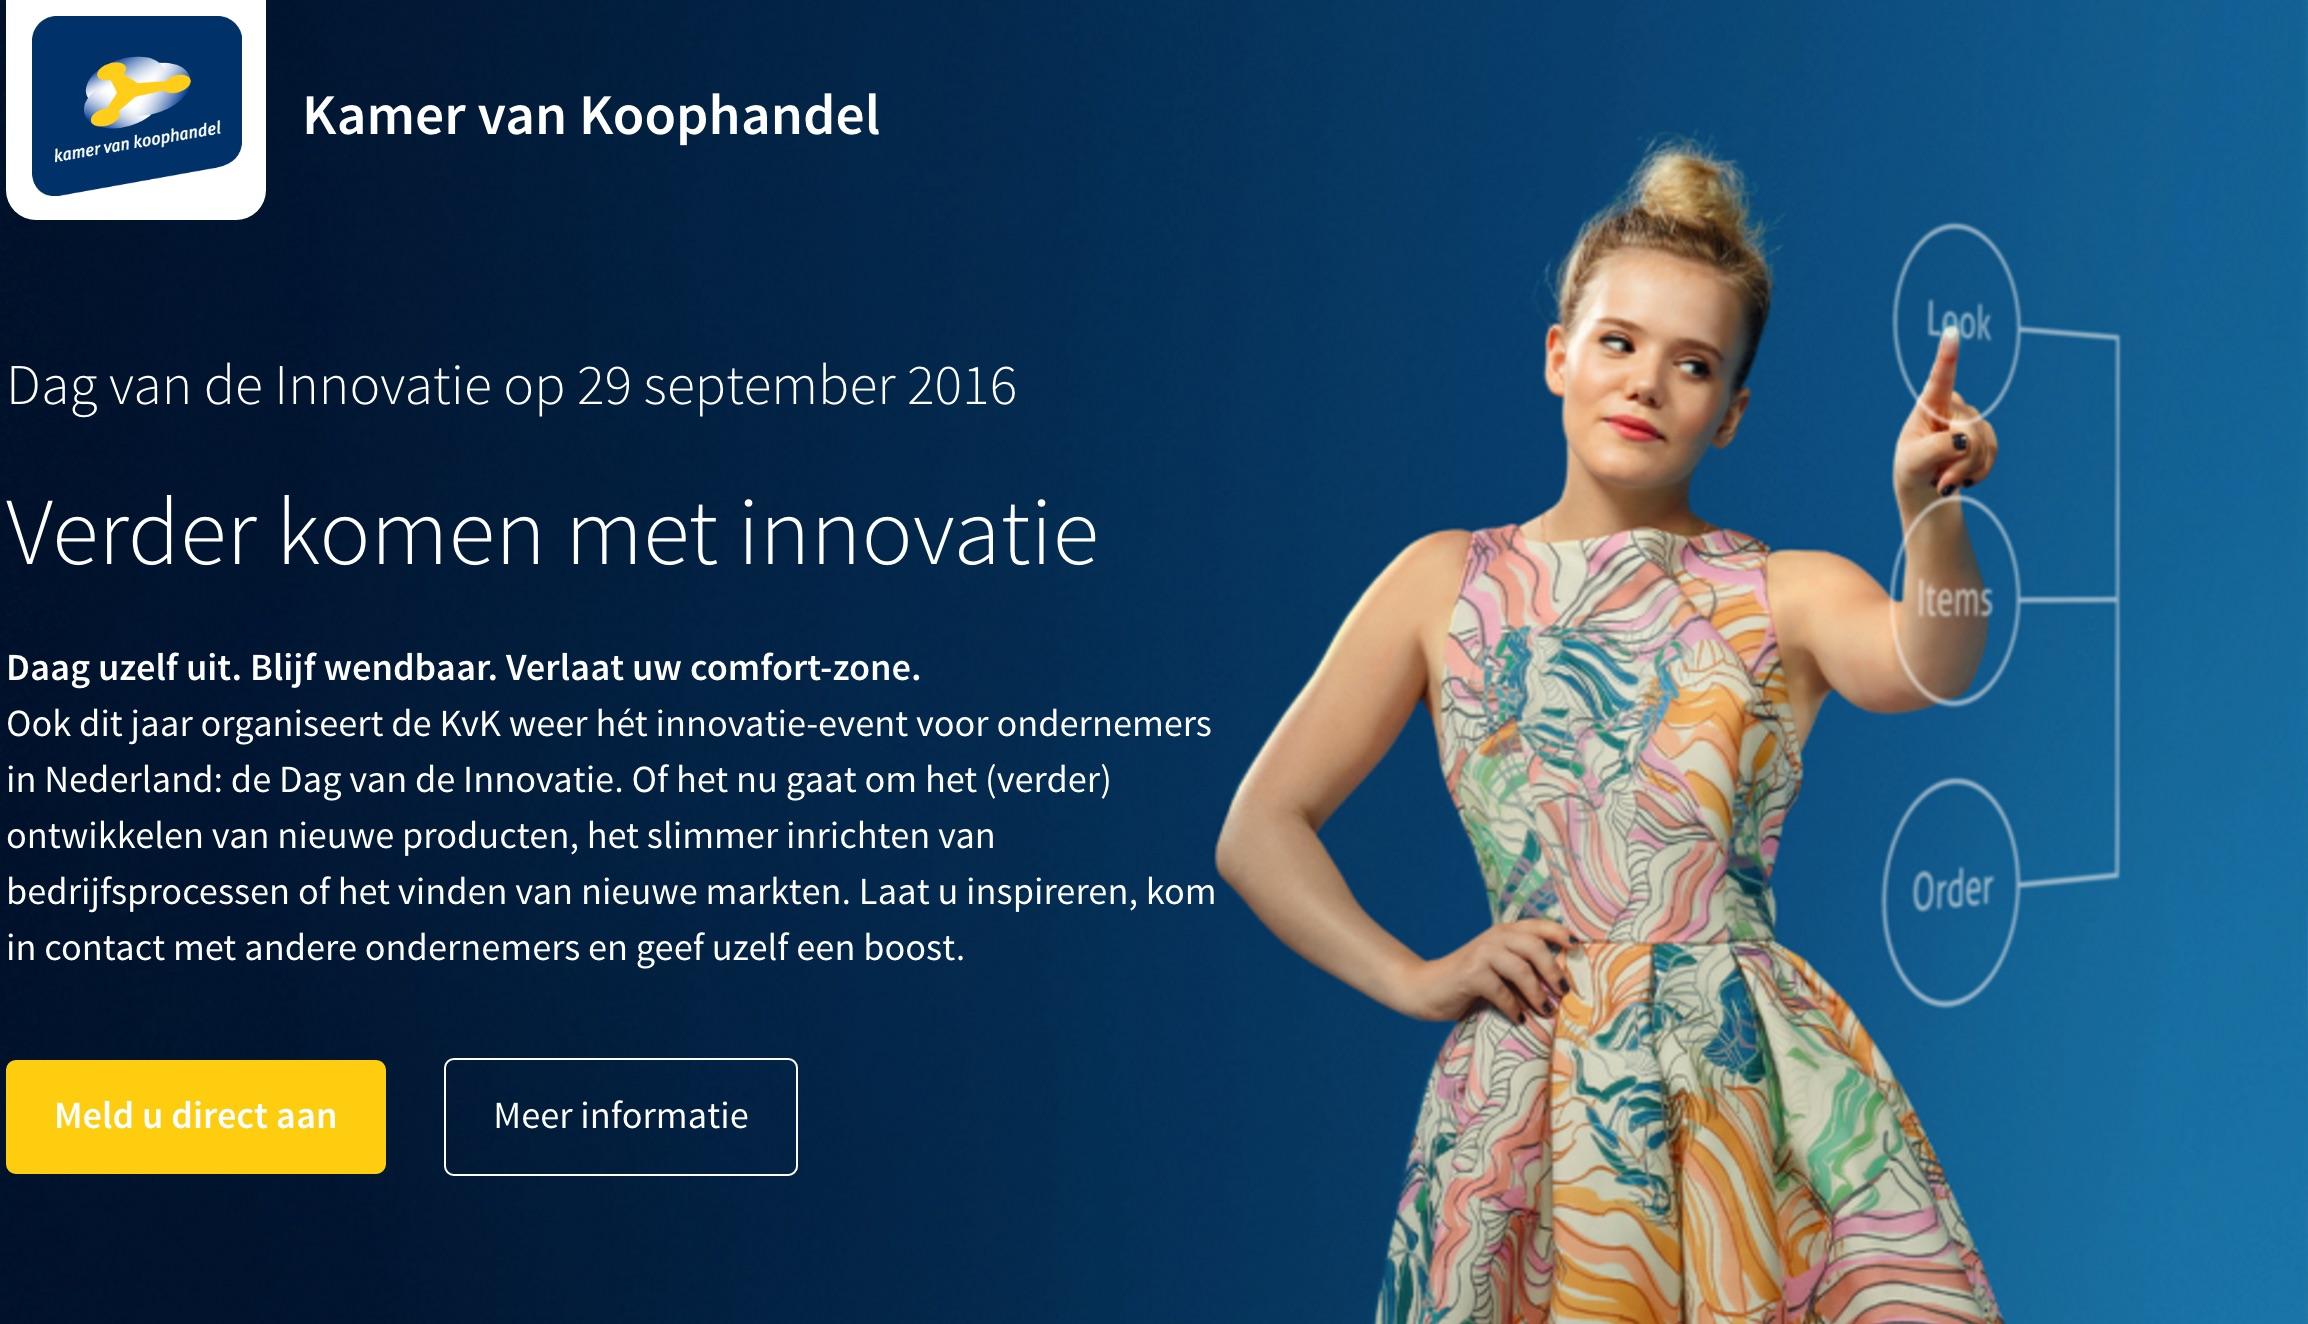 dag_van_de_innovatie_op_29_september_2016_-_kamer_van_koophandel